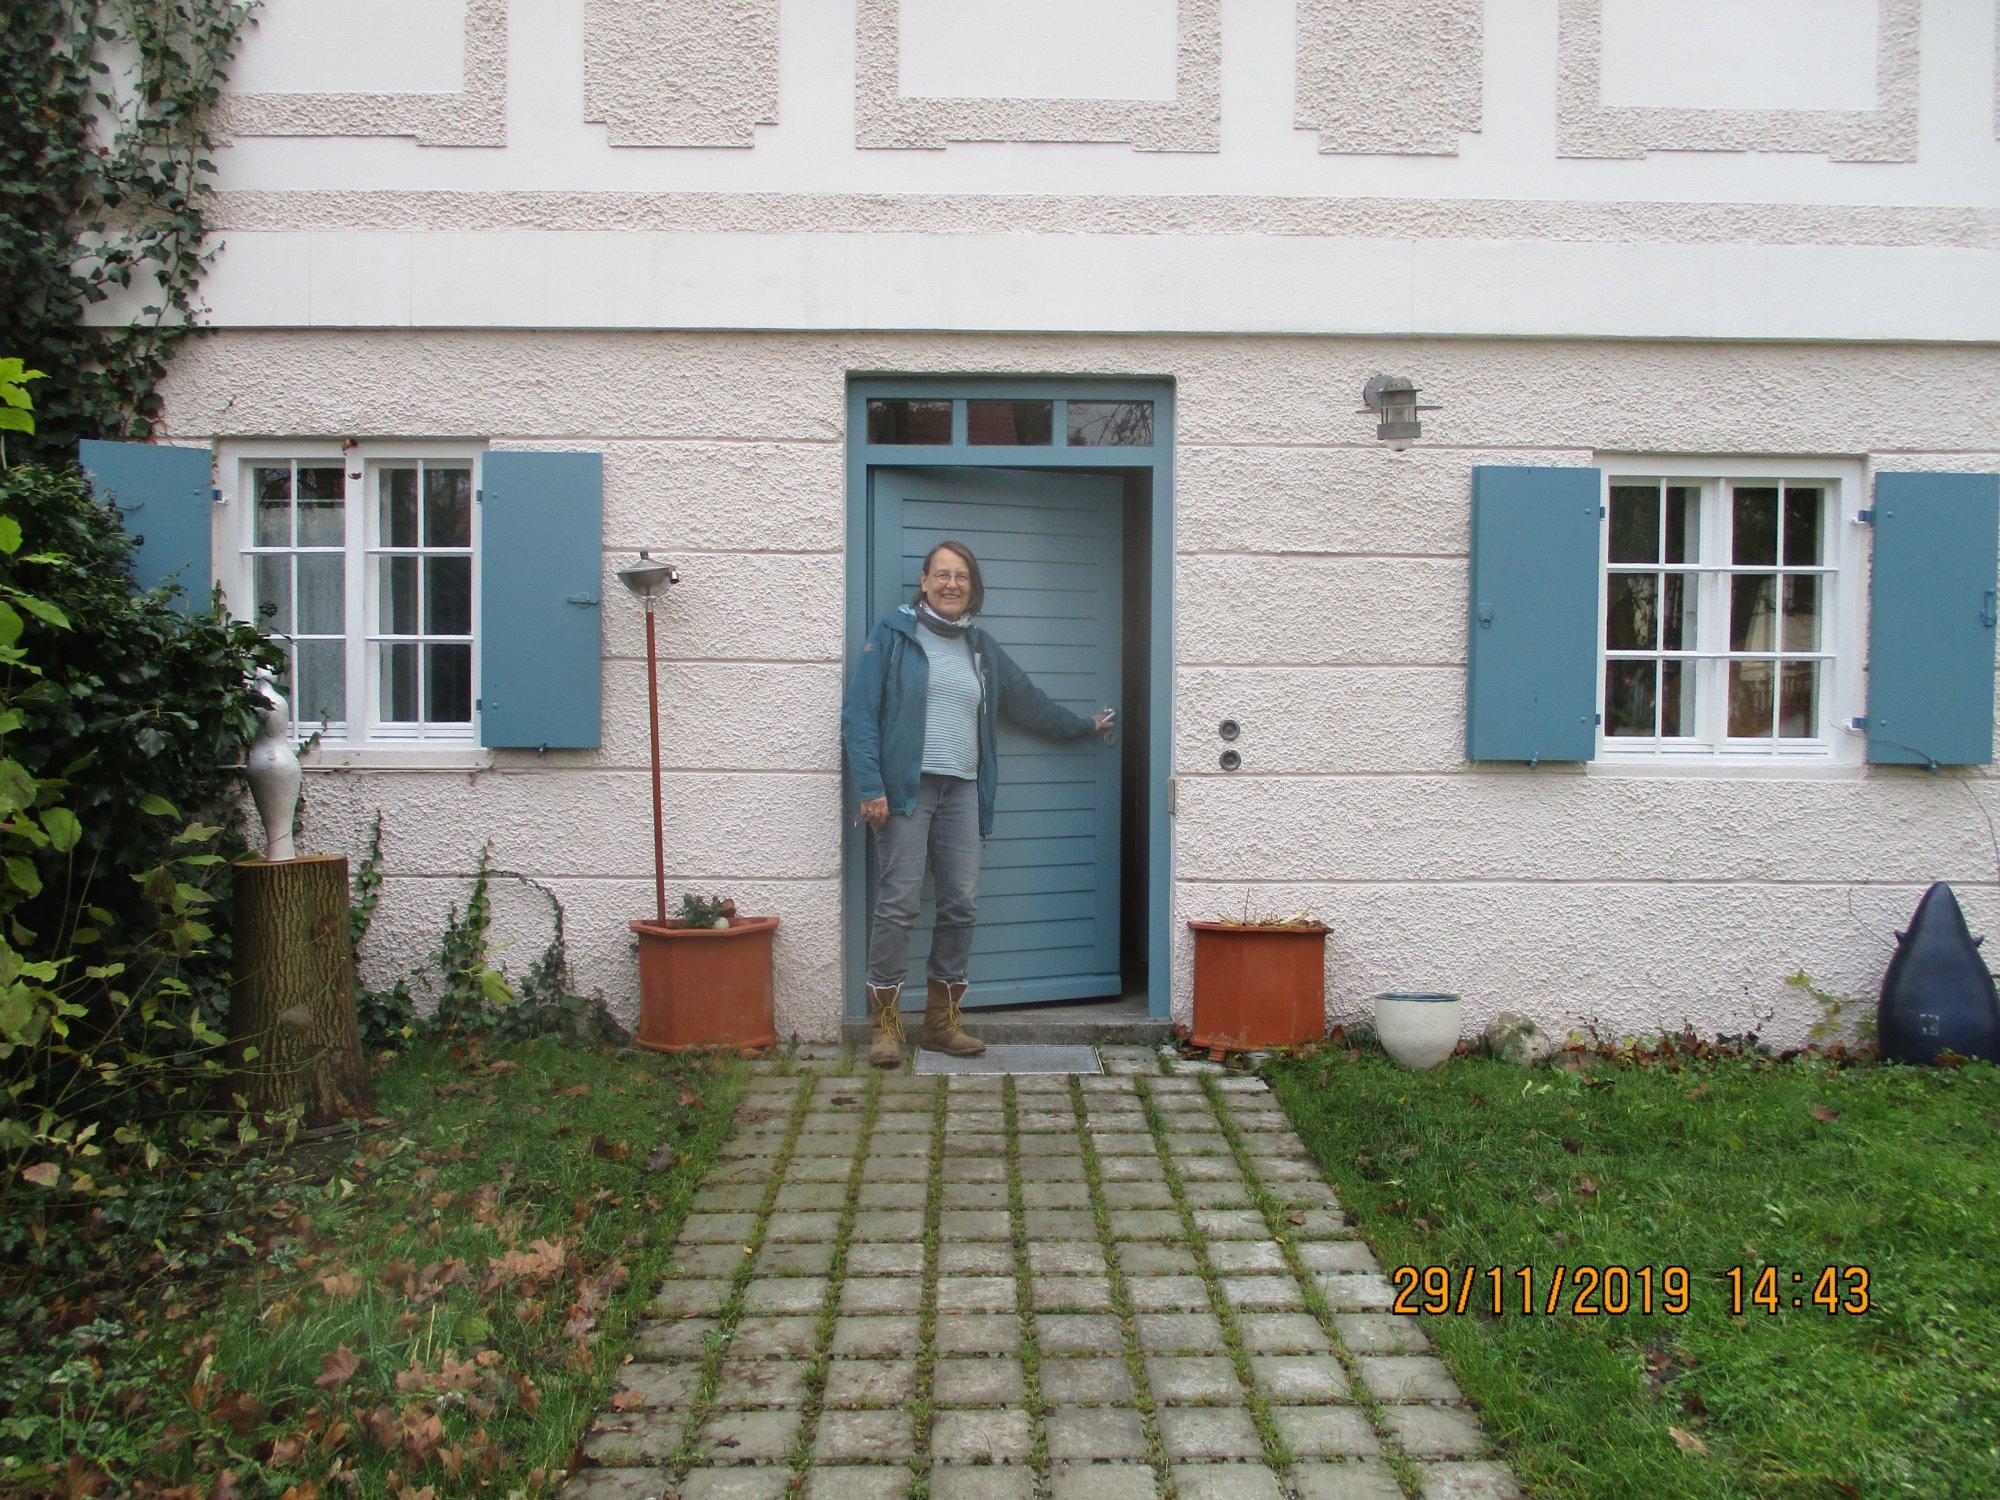 St.-Peter-Strasse 1 in Dachau